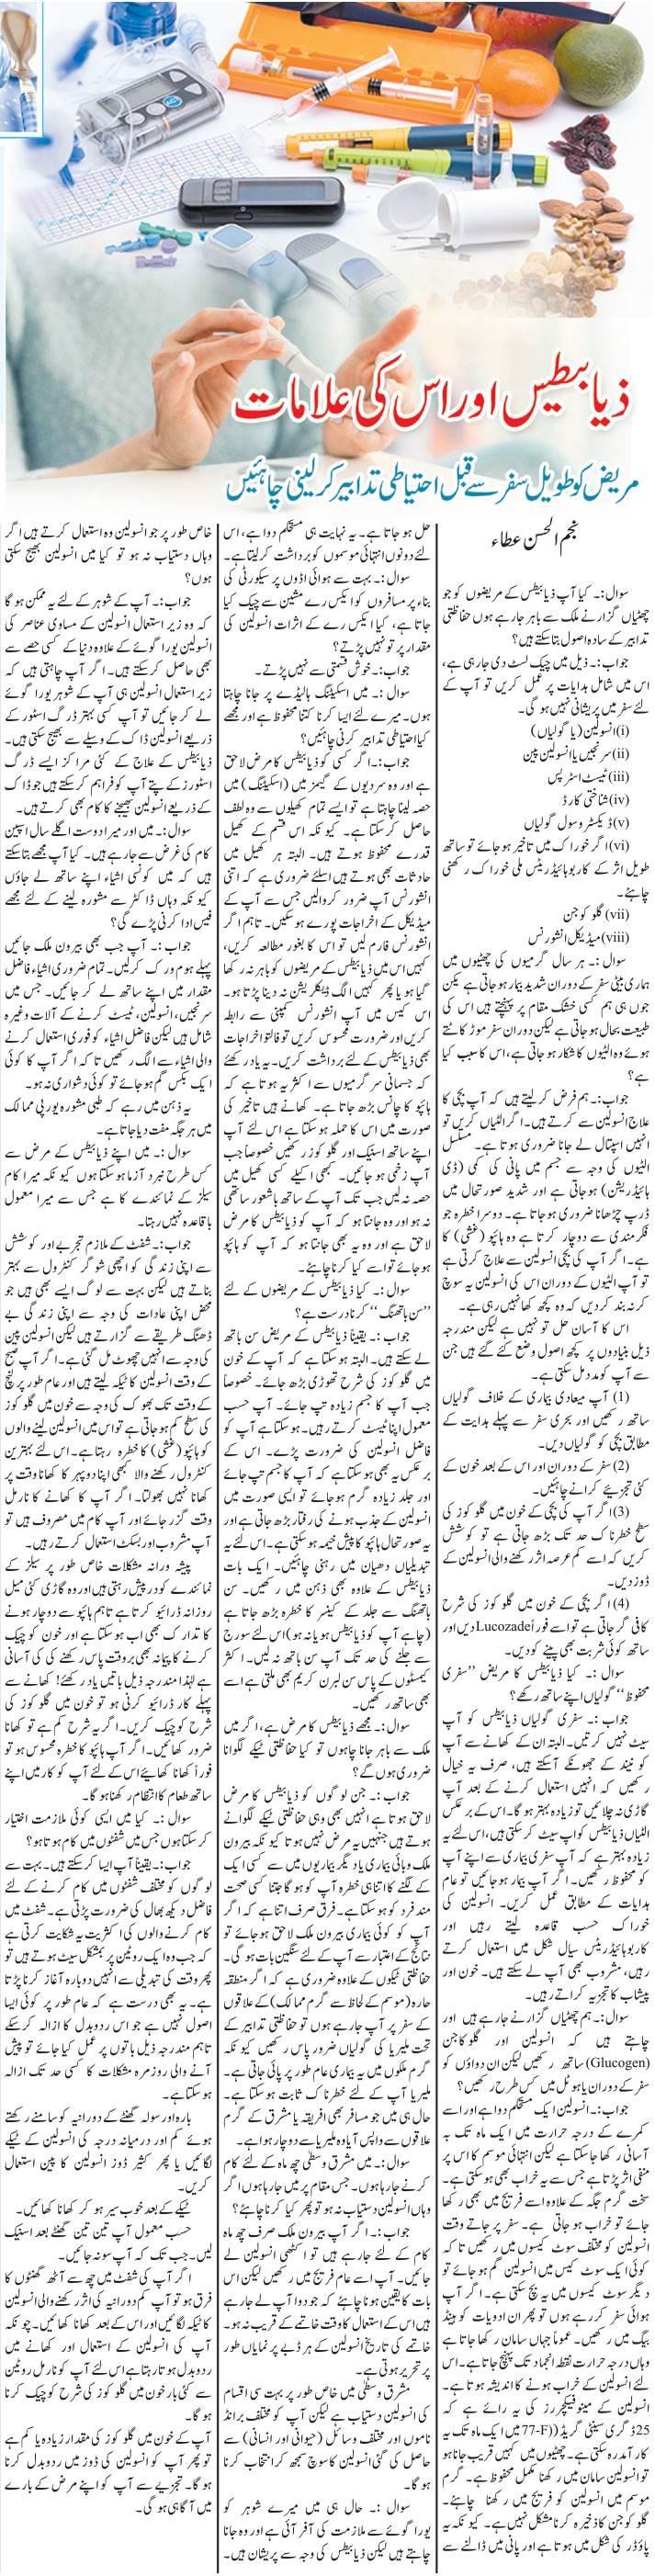 Diabetes Symptoms, Causes, Prevention & Treatment (Urdu-English)